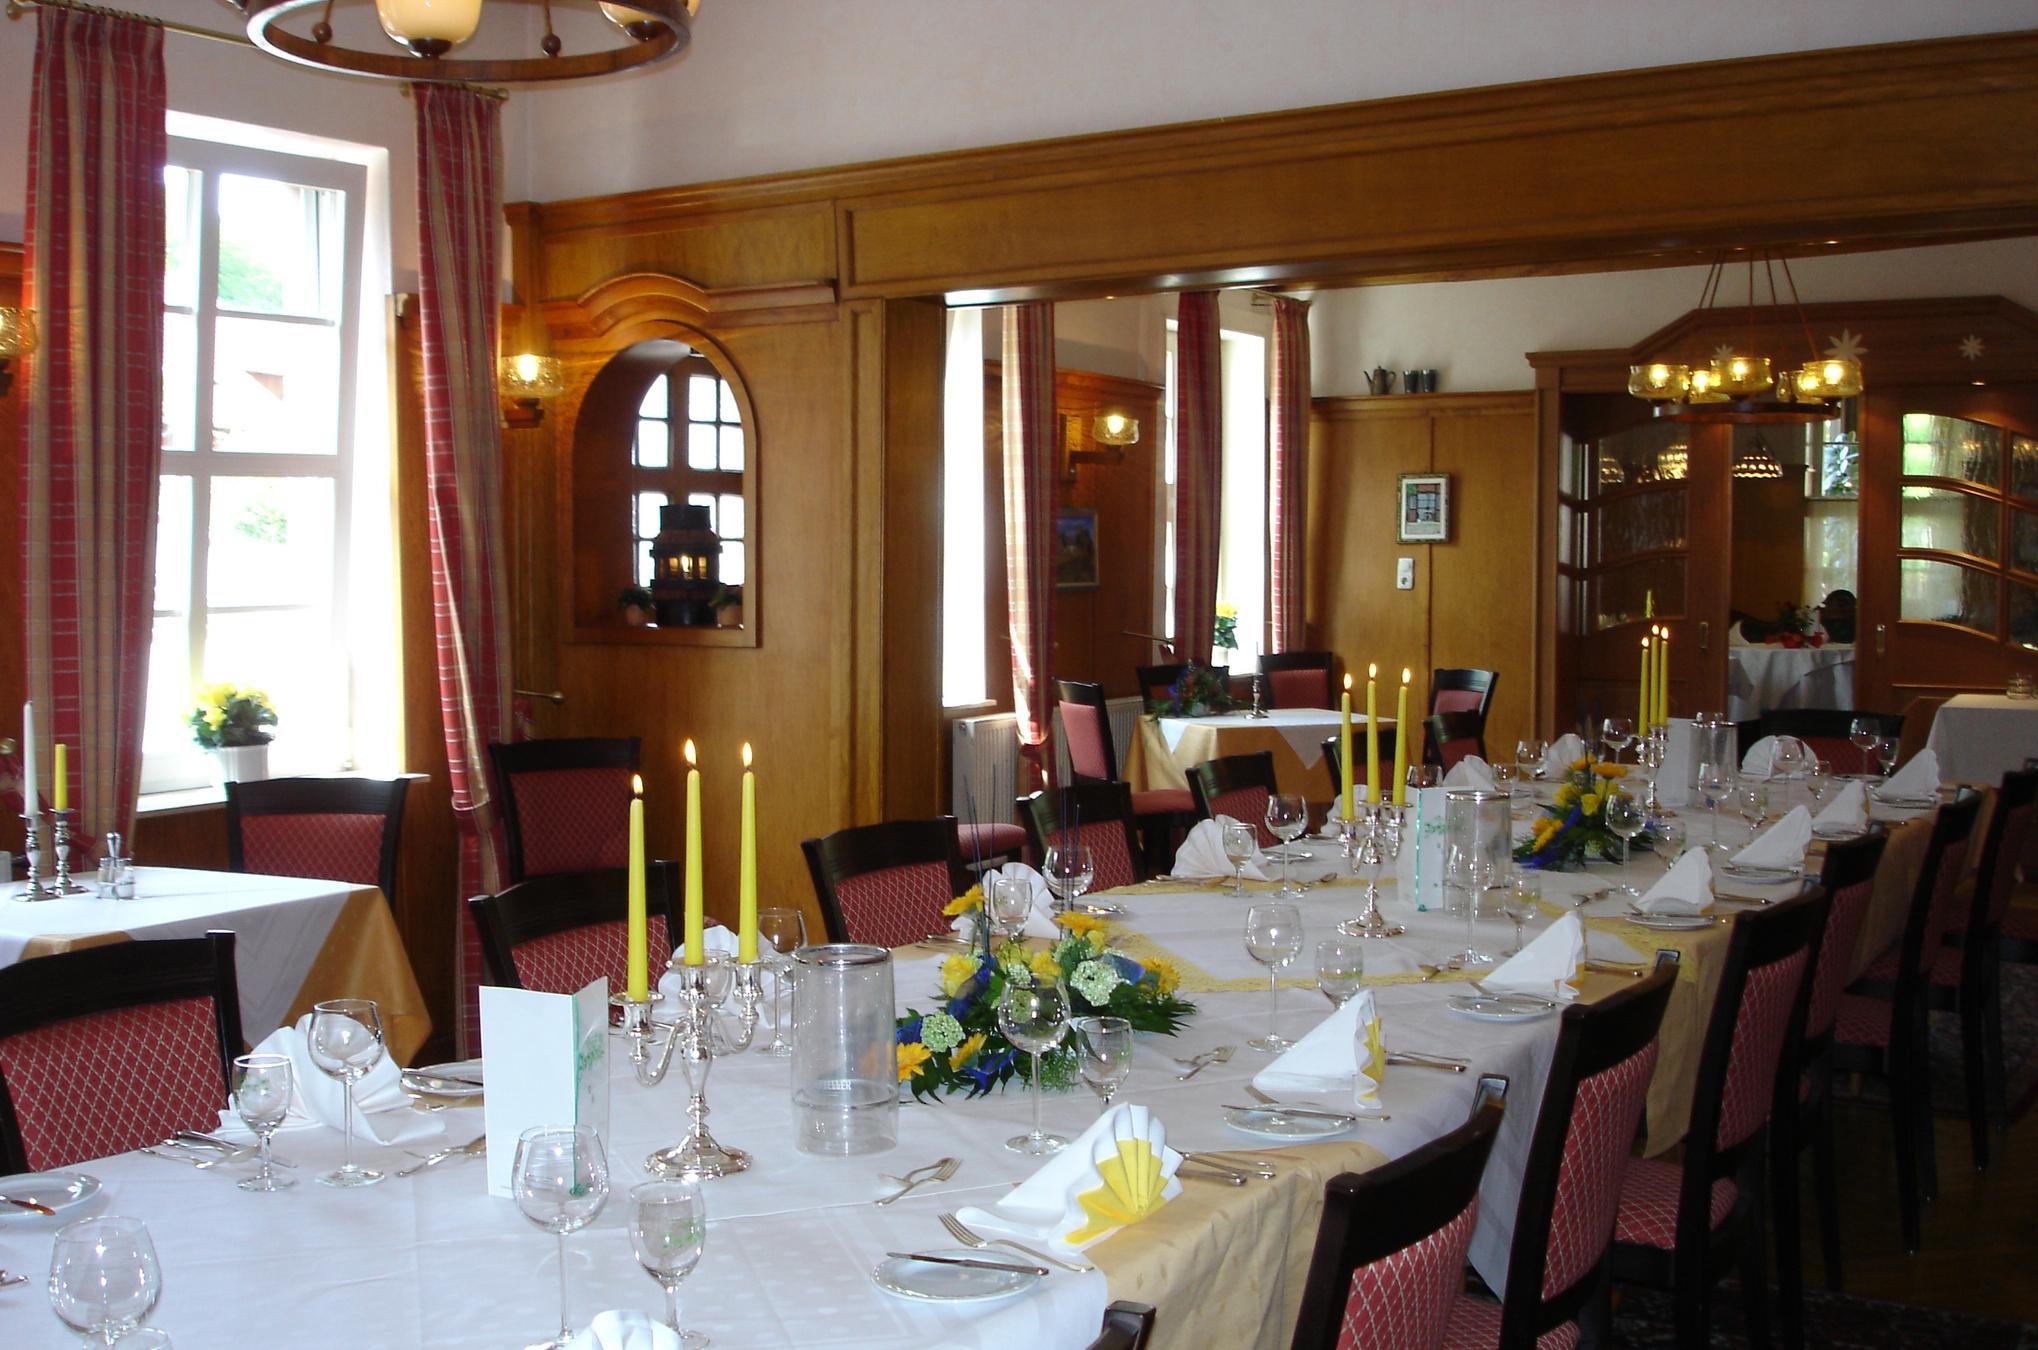 Gastraum im Restaurant Zur Linde